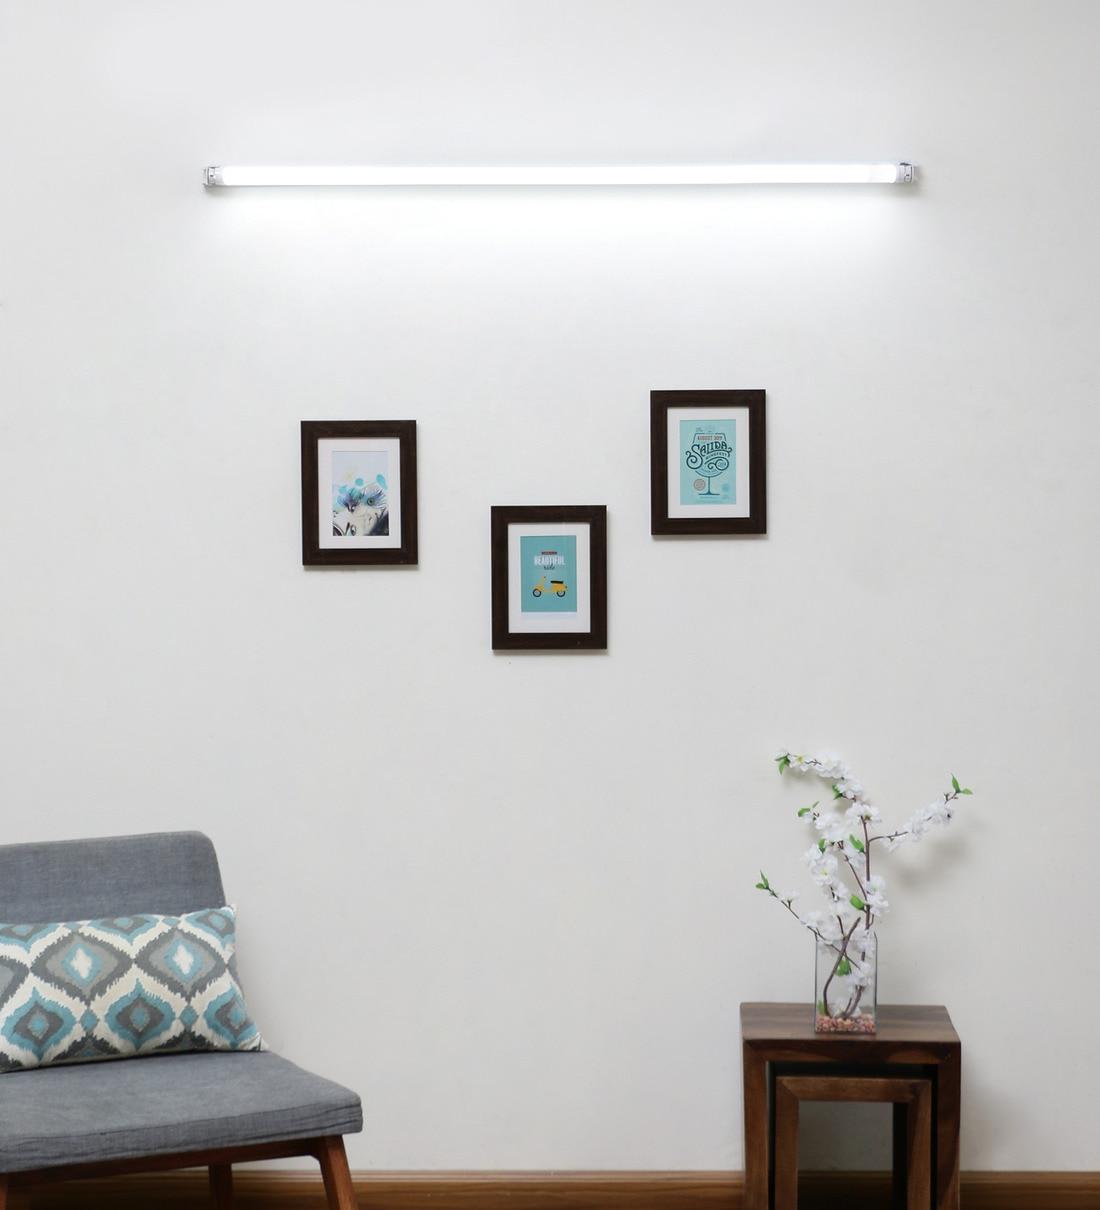 Buy Megaway Led T8 22w Tube Light Cool White 5pcs Online Led Tube Lights Lighting Homeware Pepperfry Product